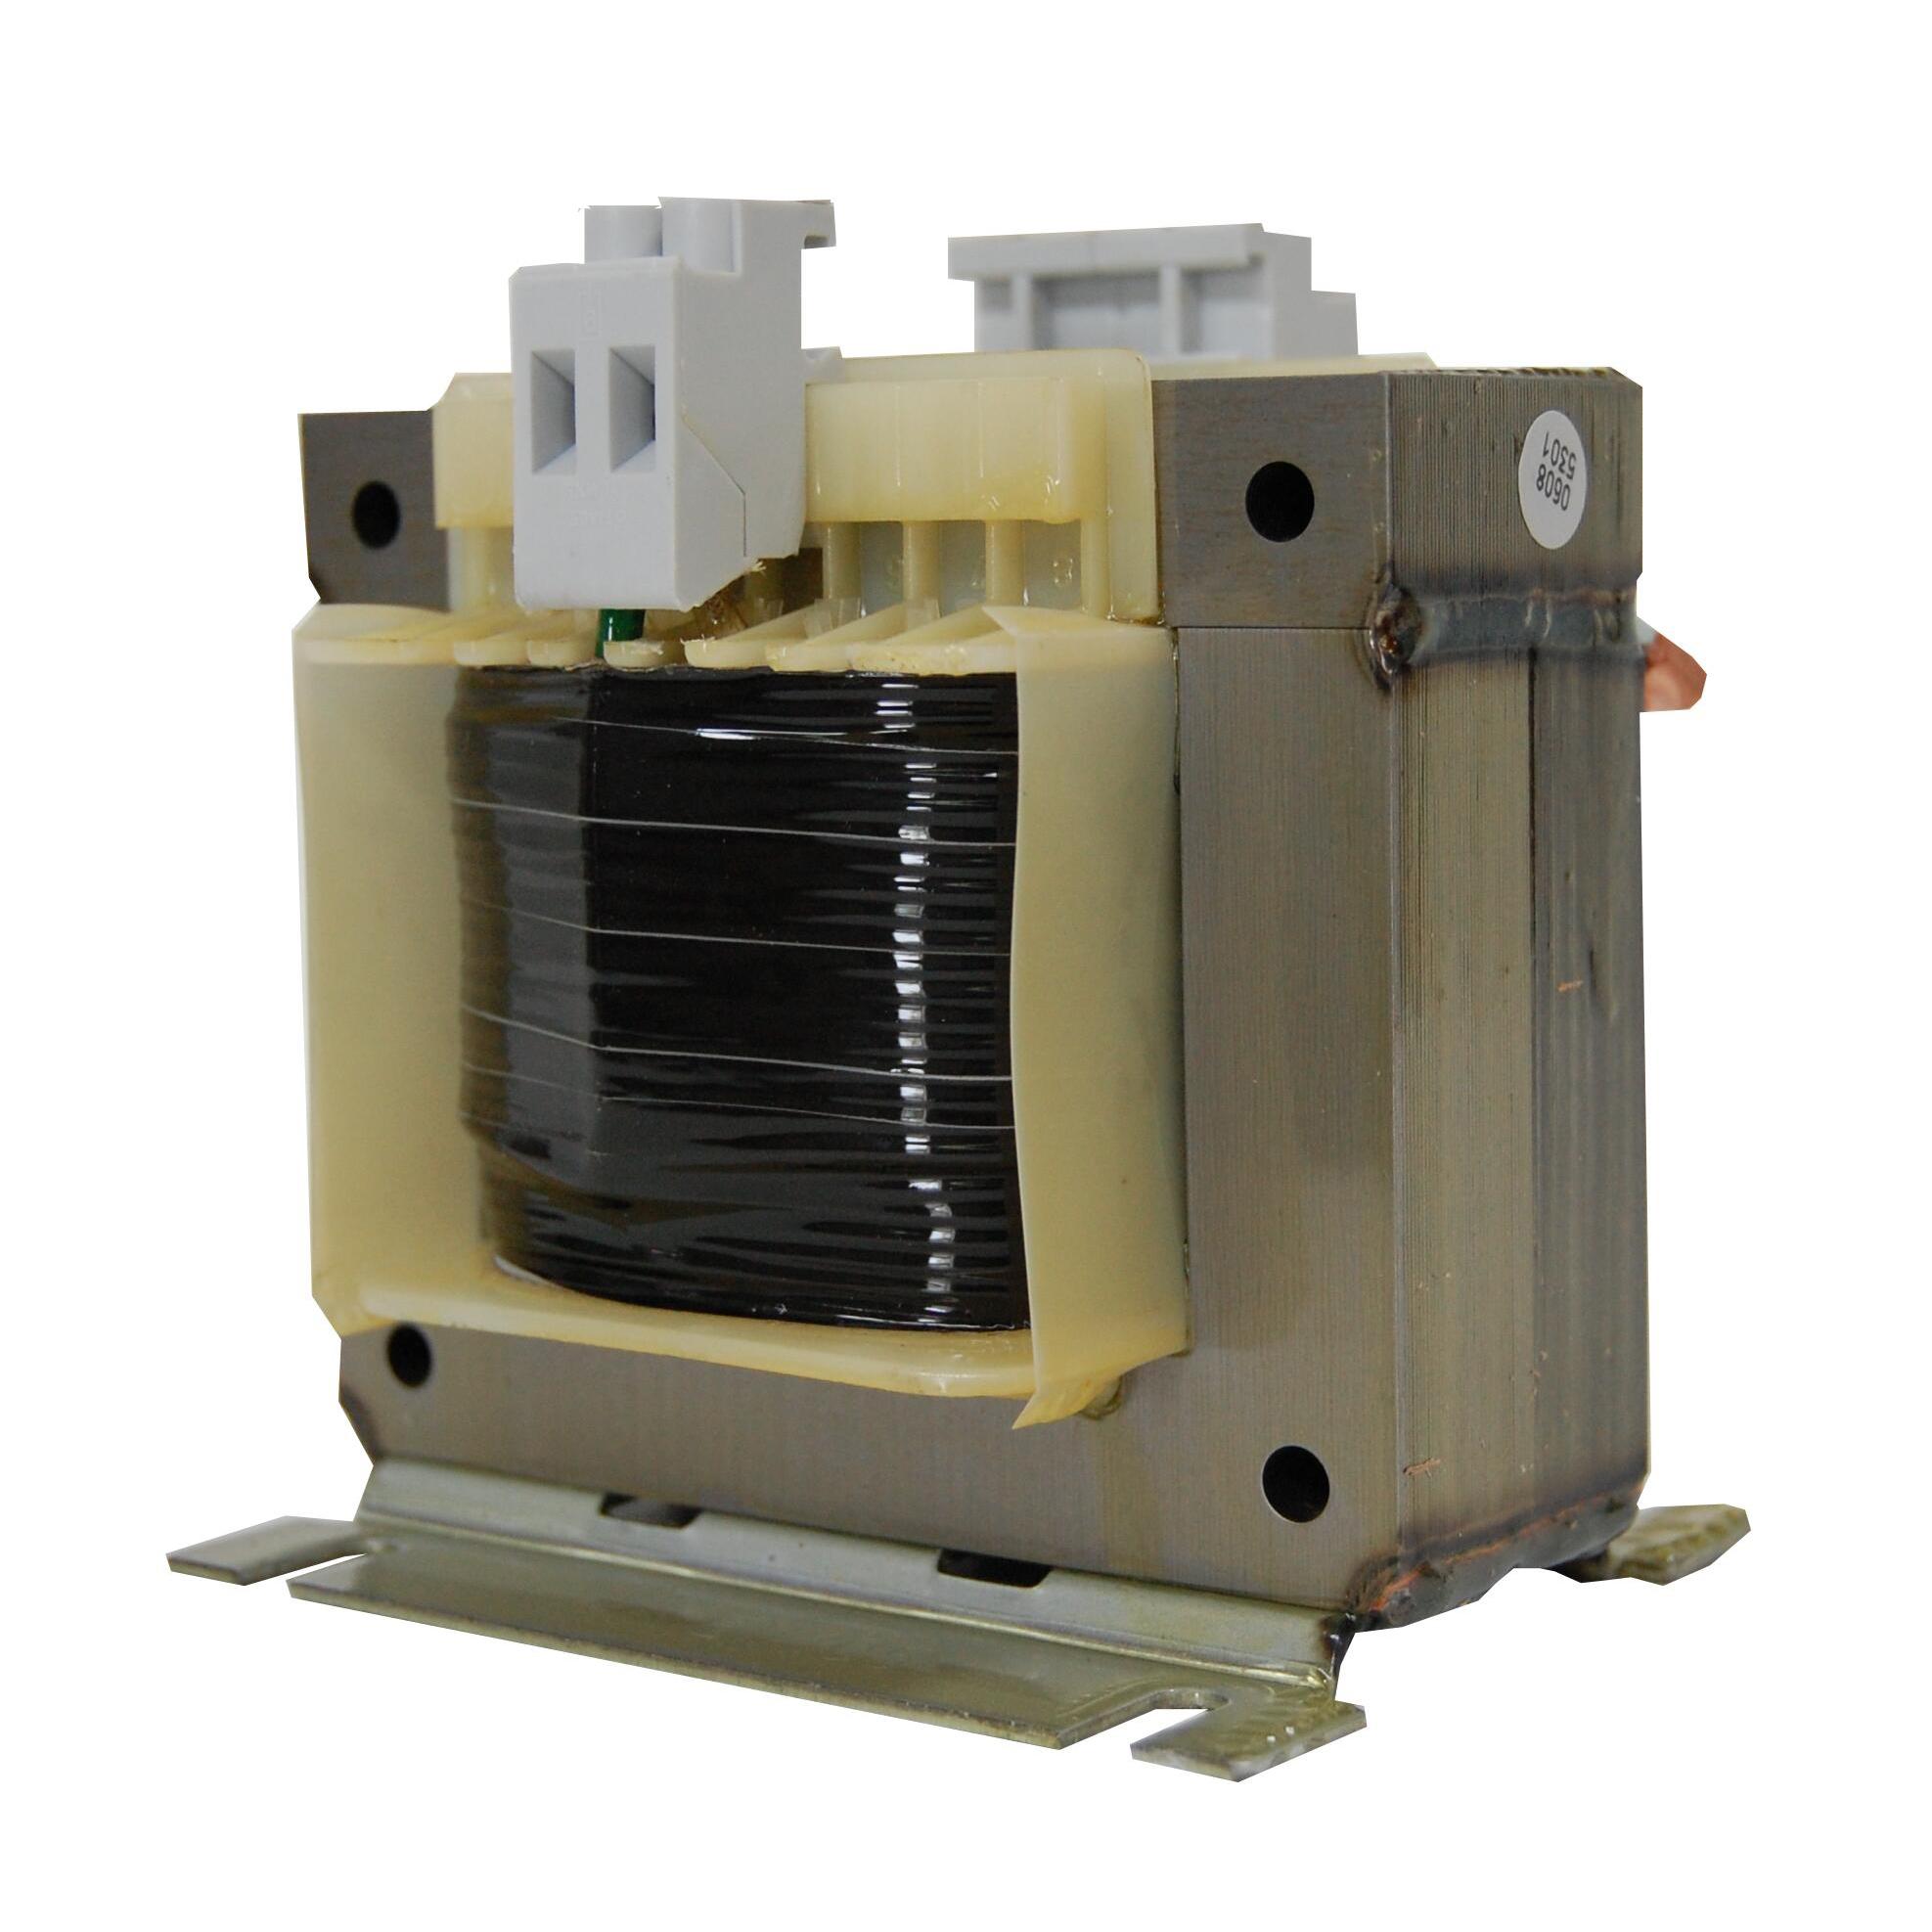 1 Stk Einphasen Steuertransformator 400/230V, 1000VA, IP00 LP604100T-